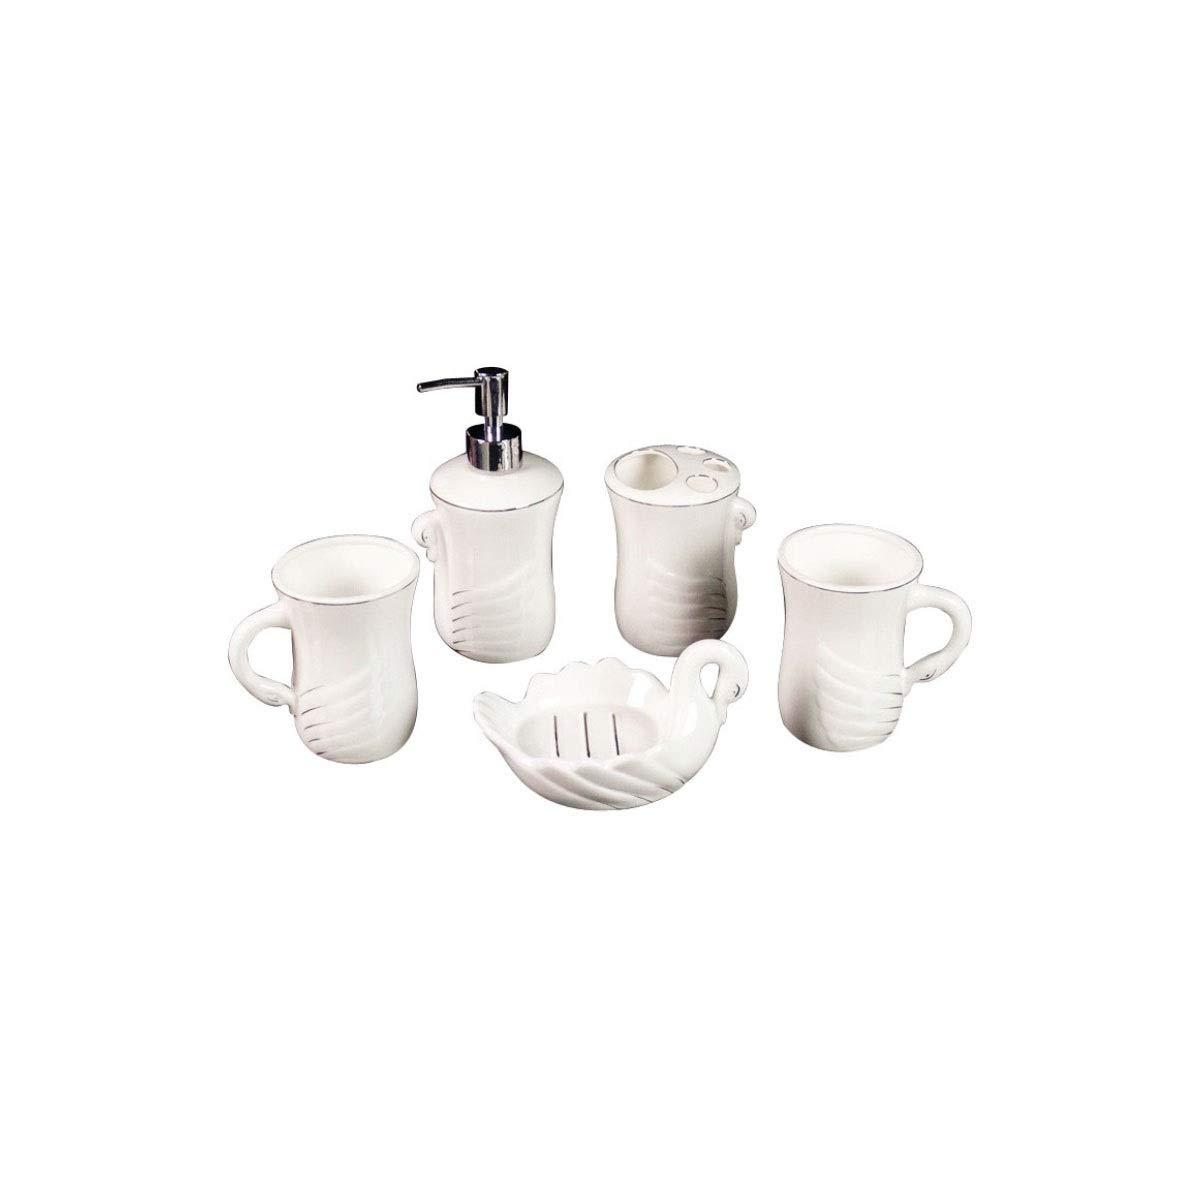 Kehuiying Sencillos artículos de tocador para el baño de cerámica ...